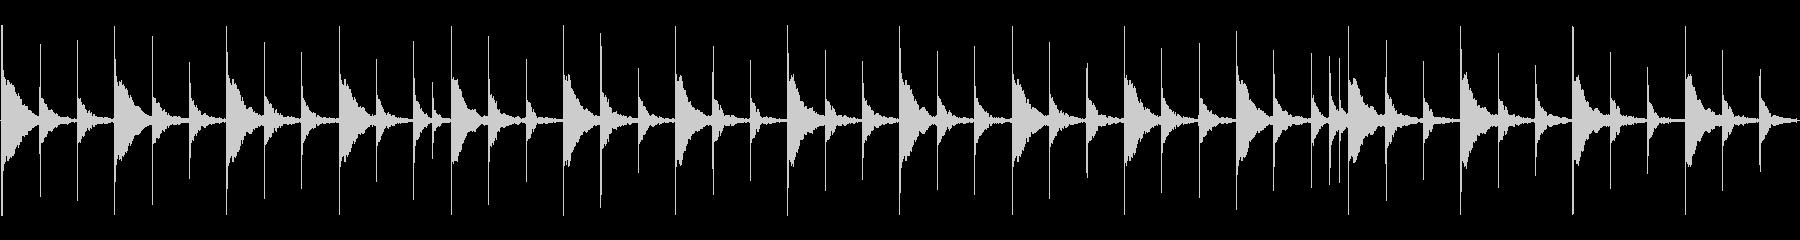 マリンバの静かな雰囲気。3拍子の未再生の波形